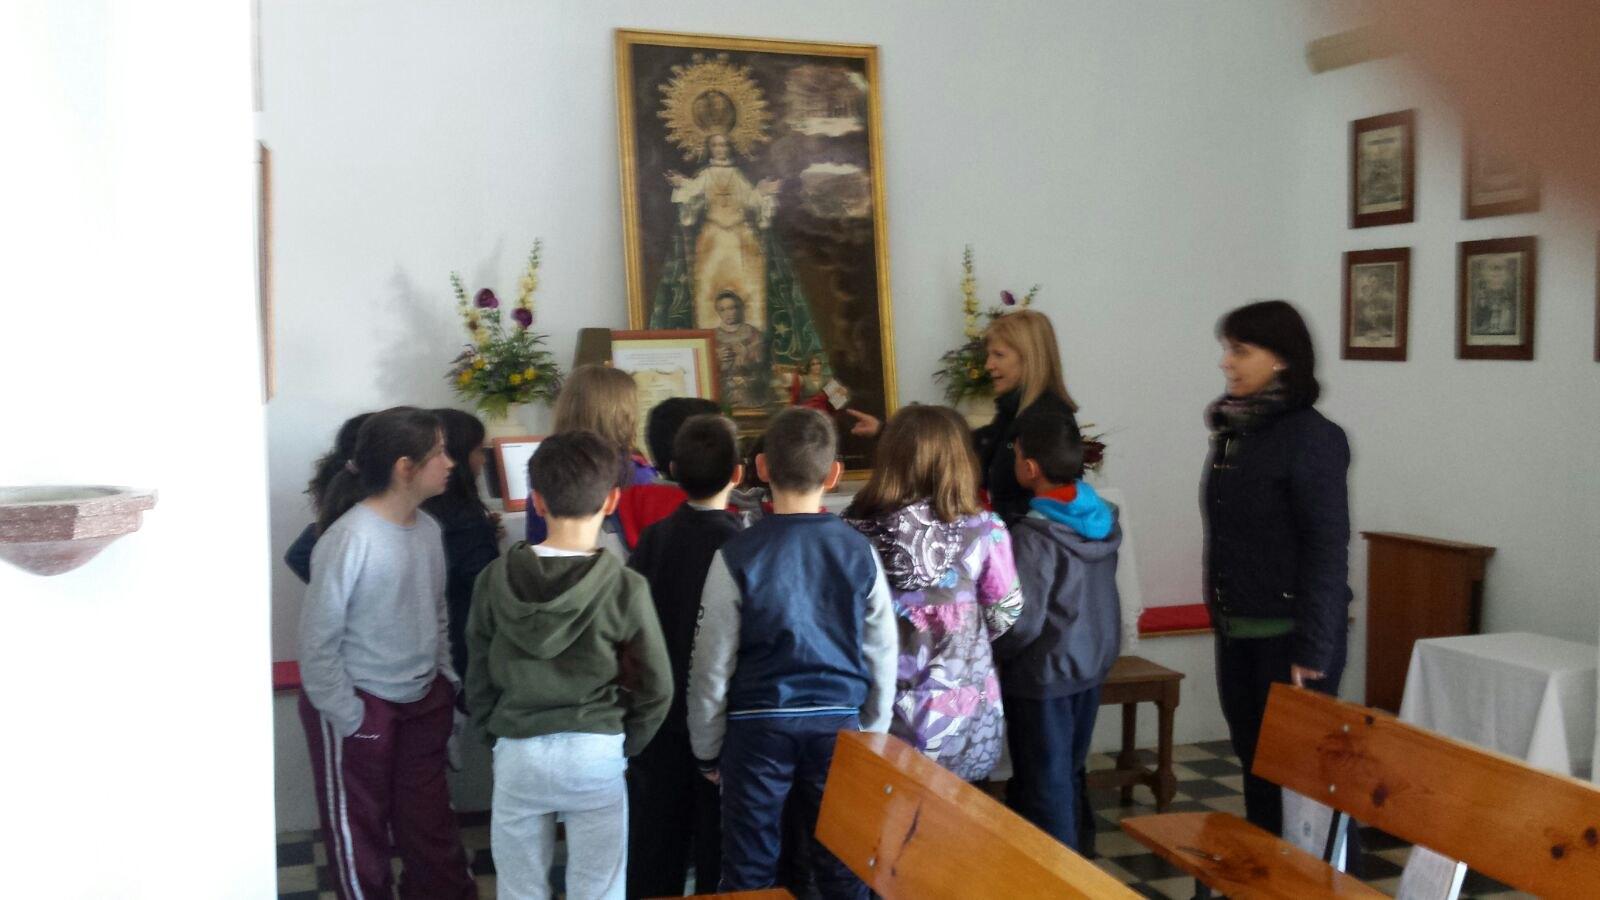 (2018-03-16) - Visita ermita alumnos Laura,3ºB, profesora religión Reina Sofia - Marzo -  María Isabel Berenguer Brotons (11)